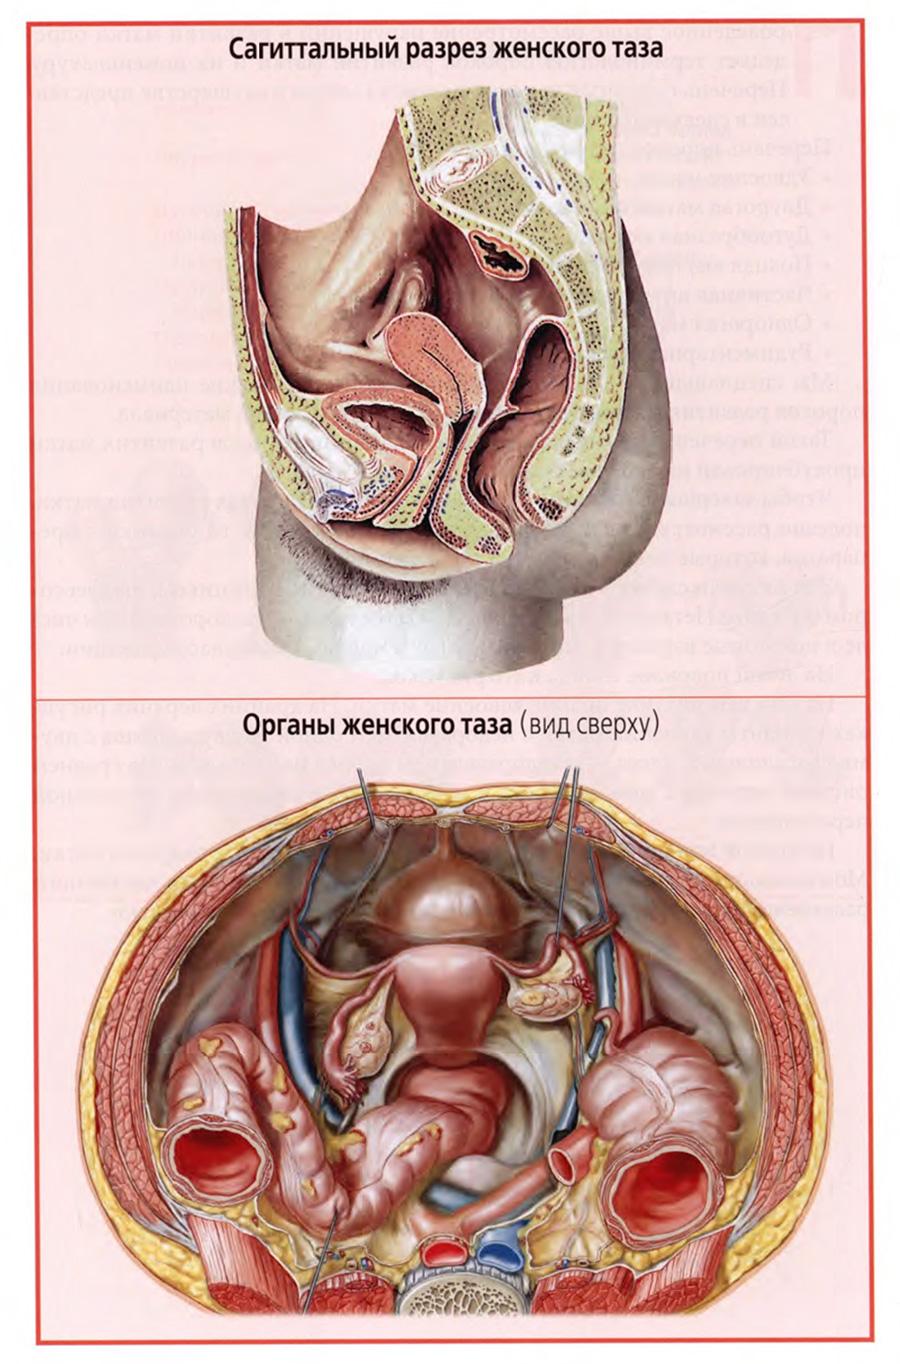 Сагиттальный разрез женского таза